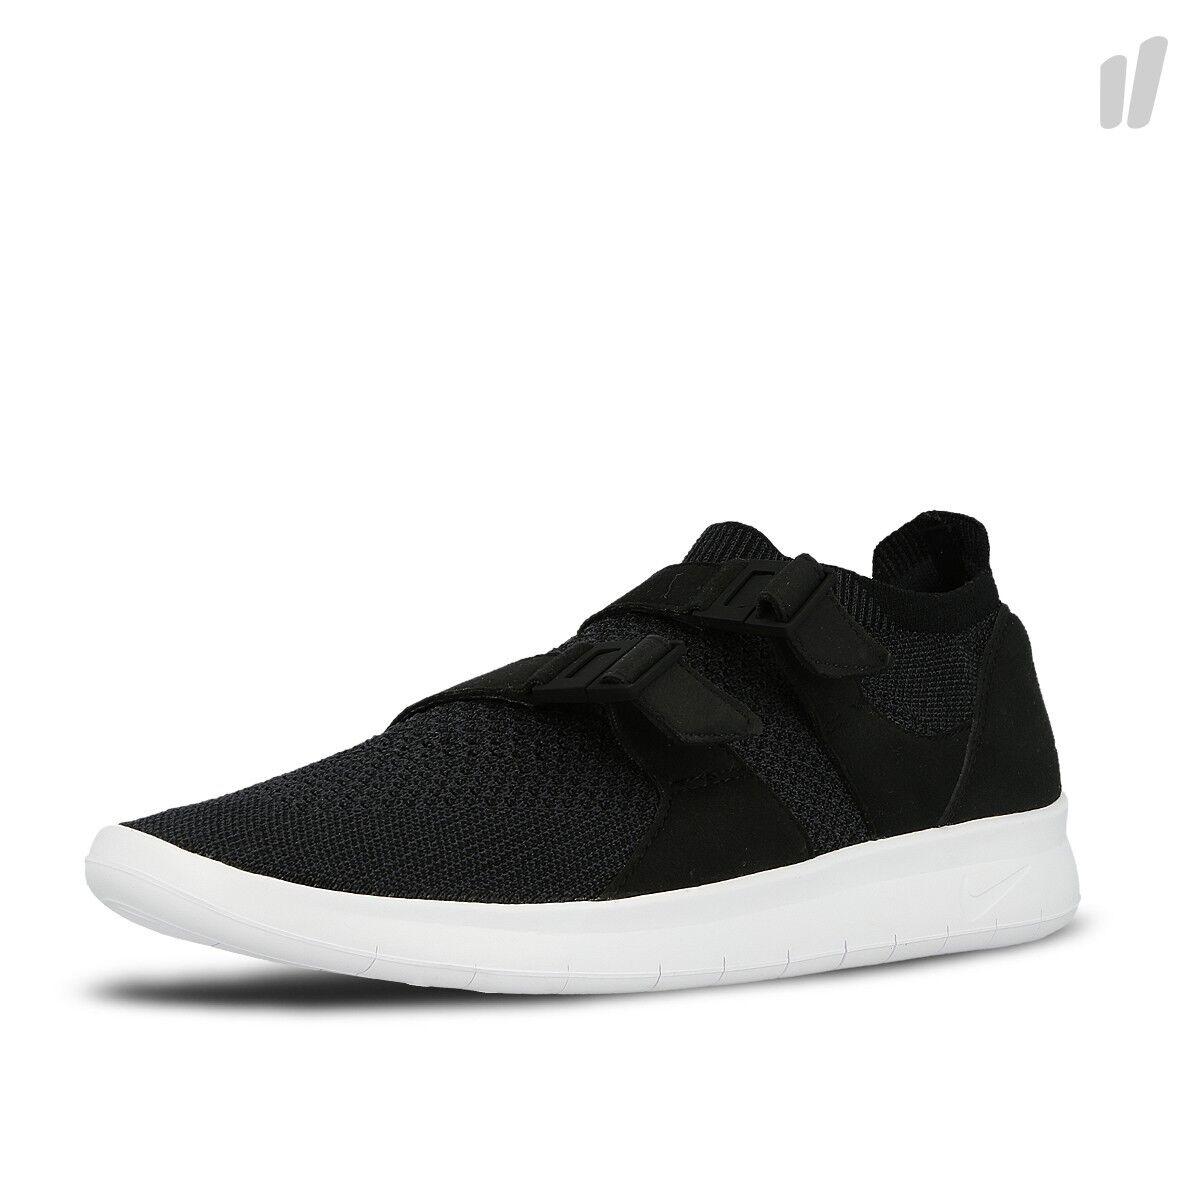 Nike Air Sock Racer Flyknit Sockracer Men's - Black   Anthracite   Black - White